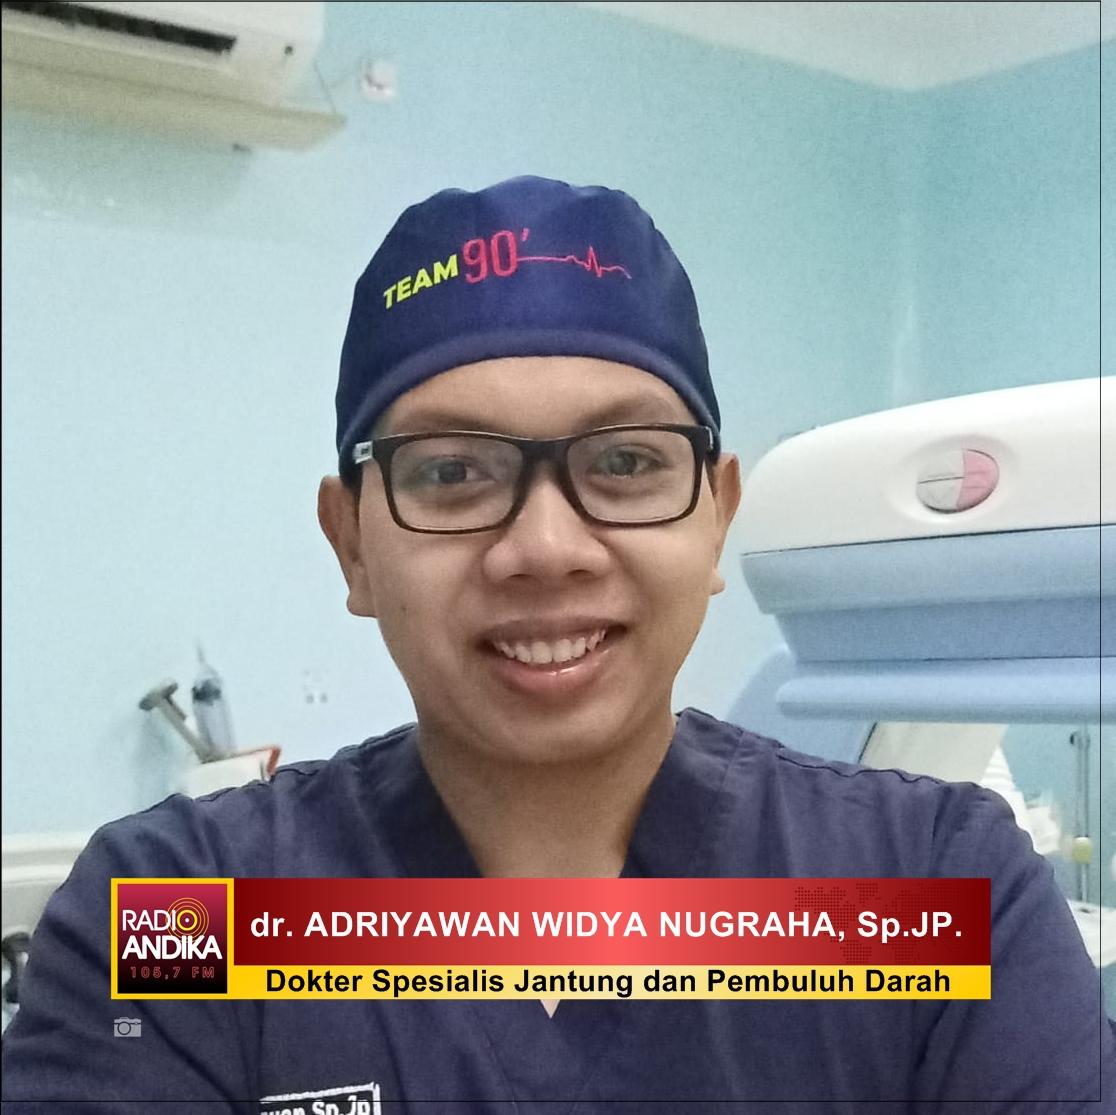 dr_adriyawan_spjp.jpg